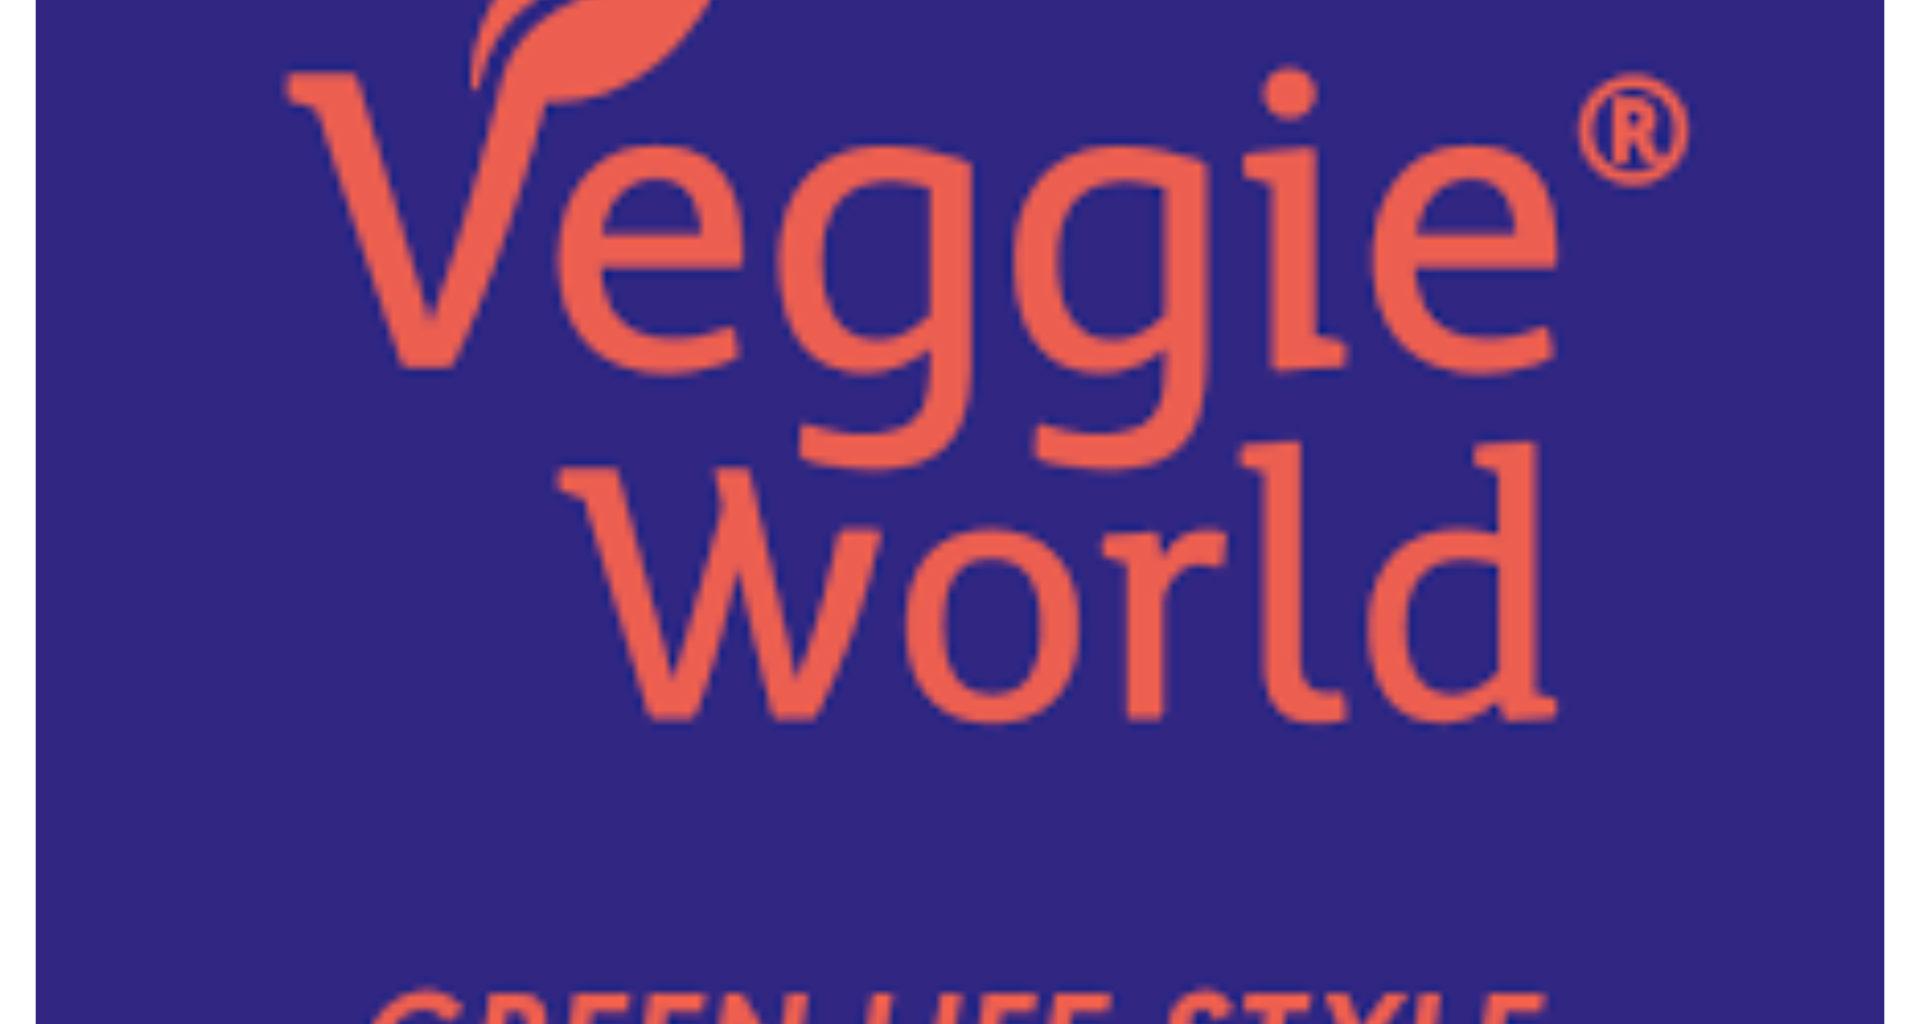 veggie-world-bordeaux-salon-vegan-avis-blog